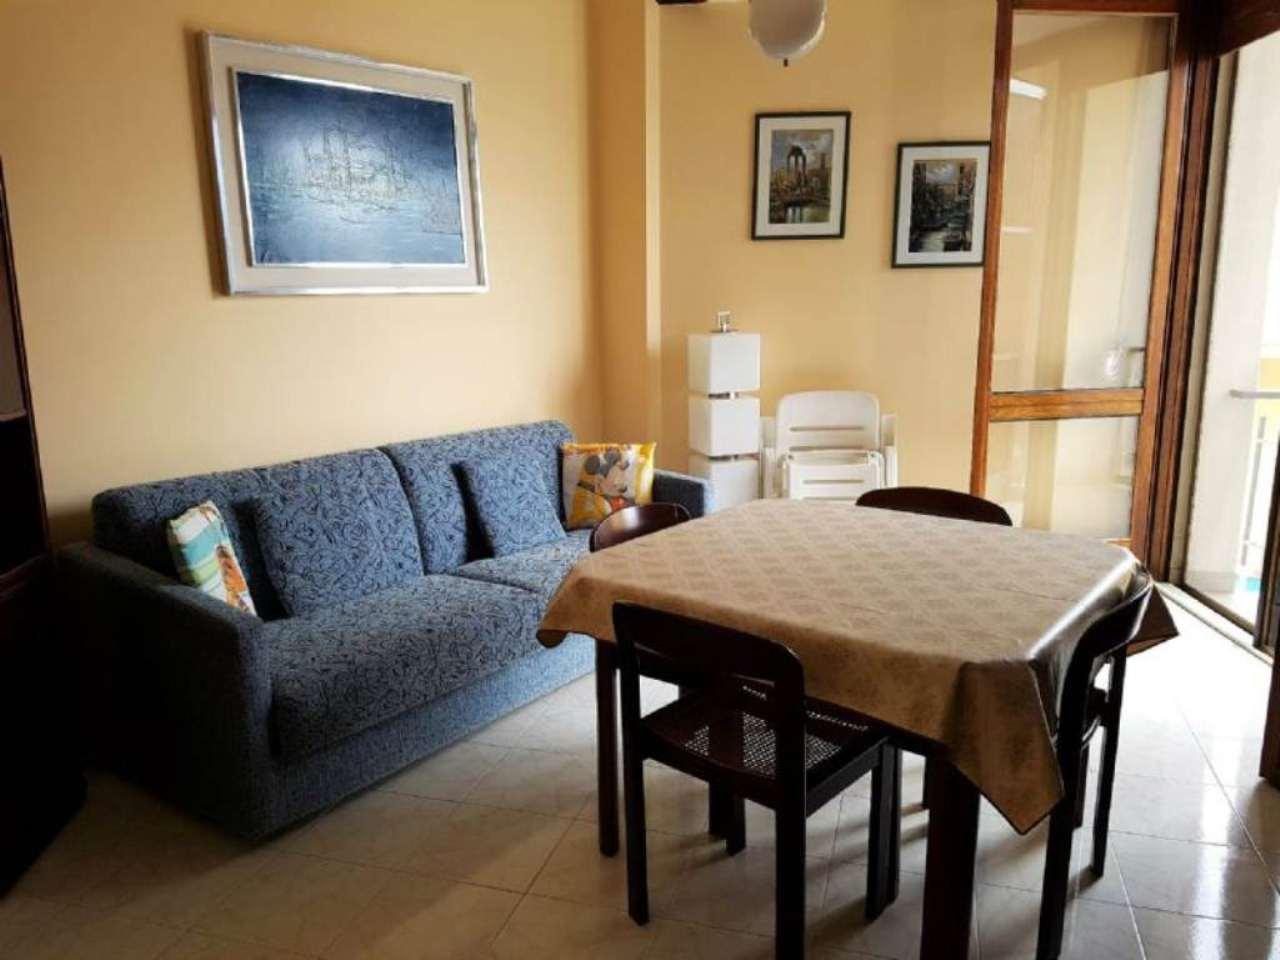 Appartamento in Vendita a Celle Ligure: 3 locali, 60 mq - Foto 2